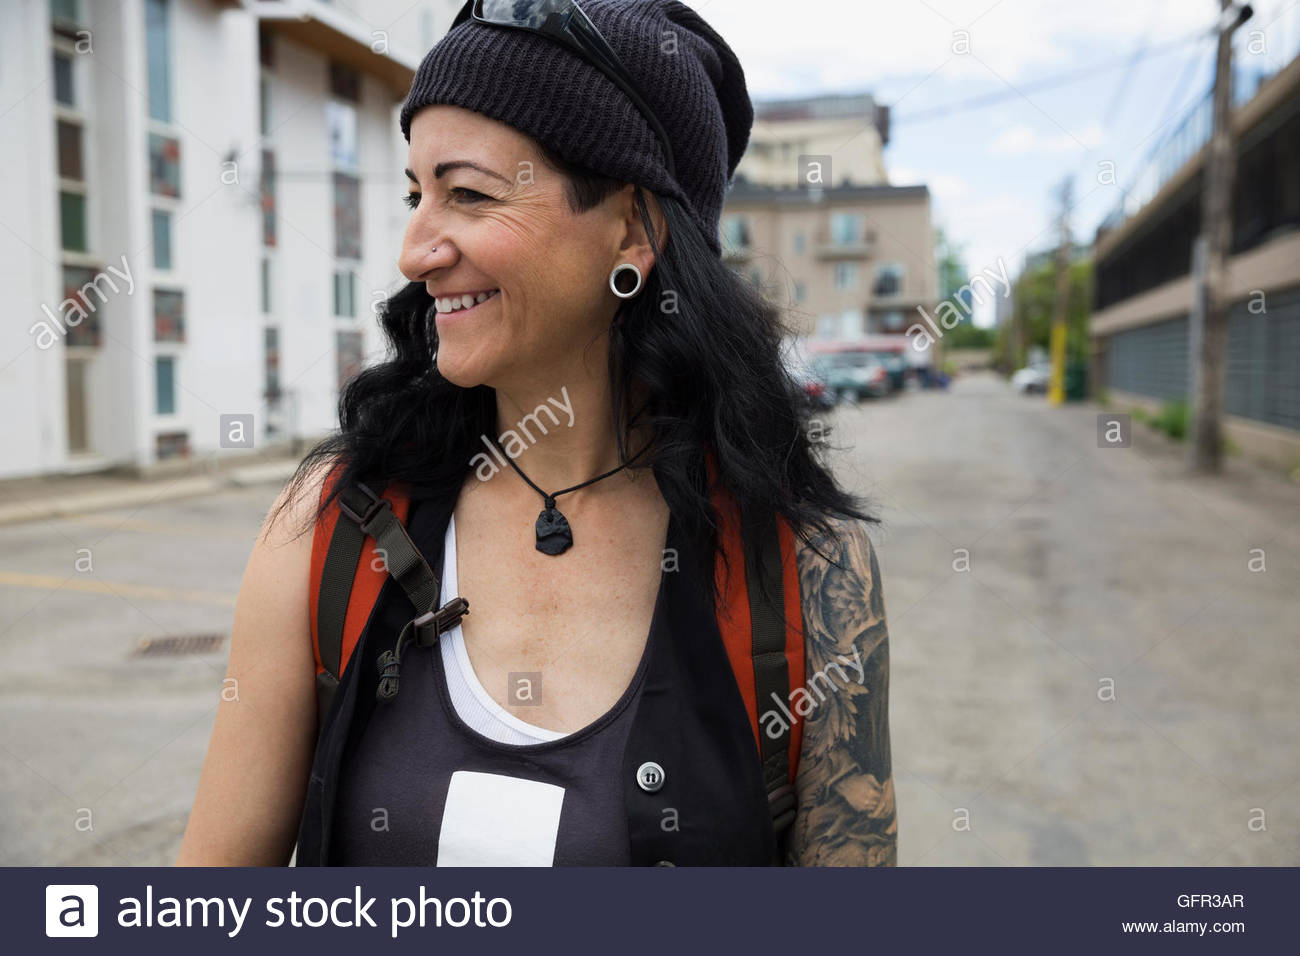 Cool mujer madura sonriente en el callejón urbano Imagen De Stock